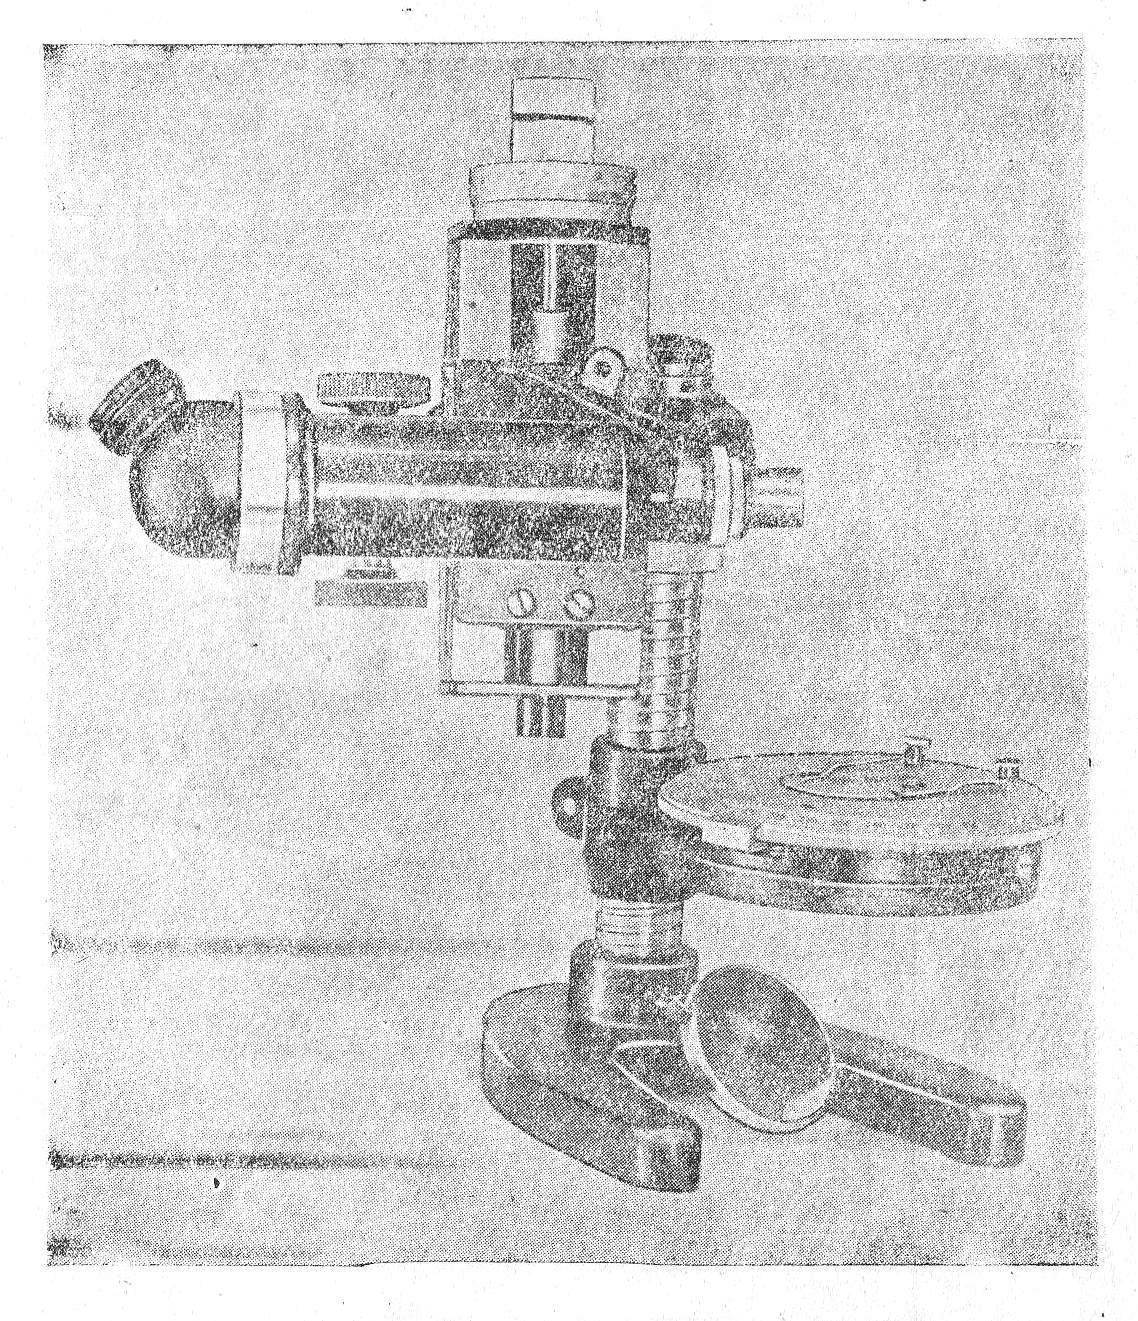 измерительный микроскоп МИ-1 рис.3